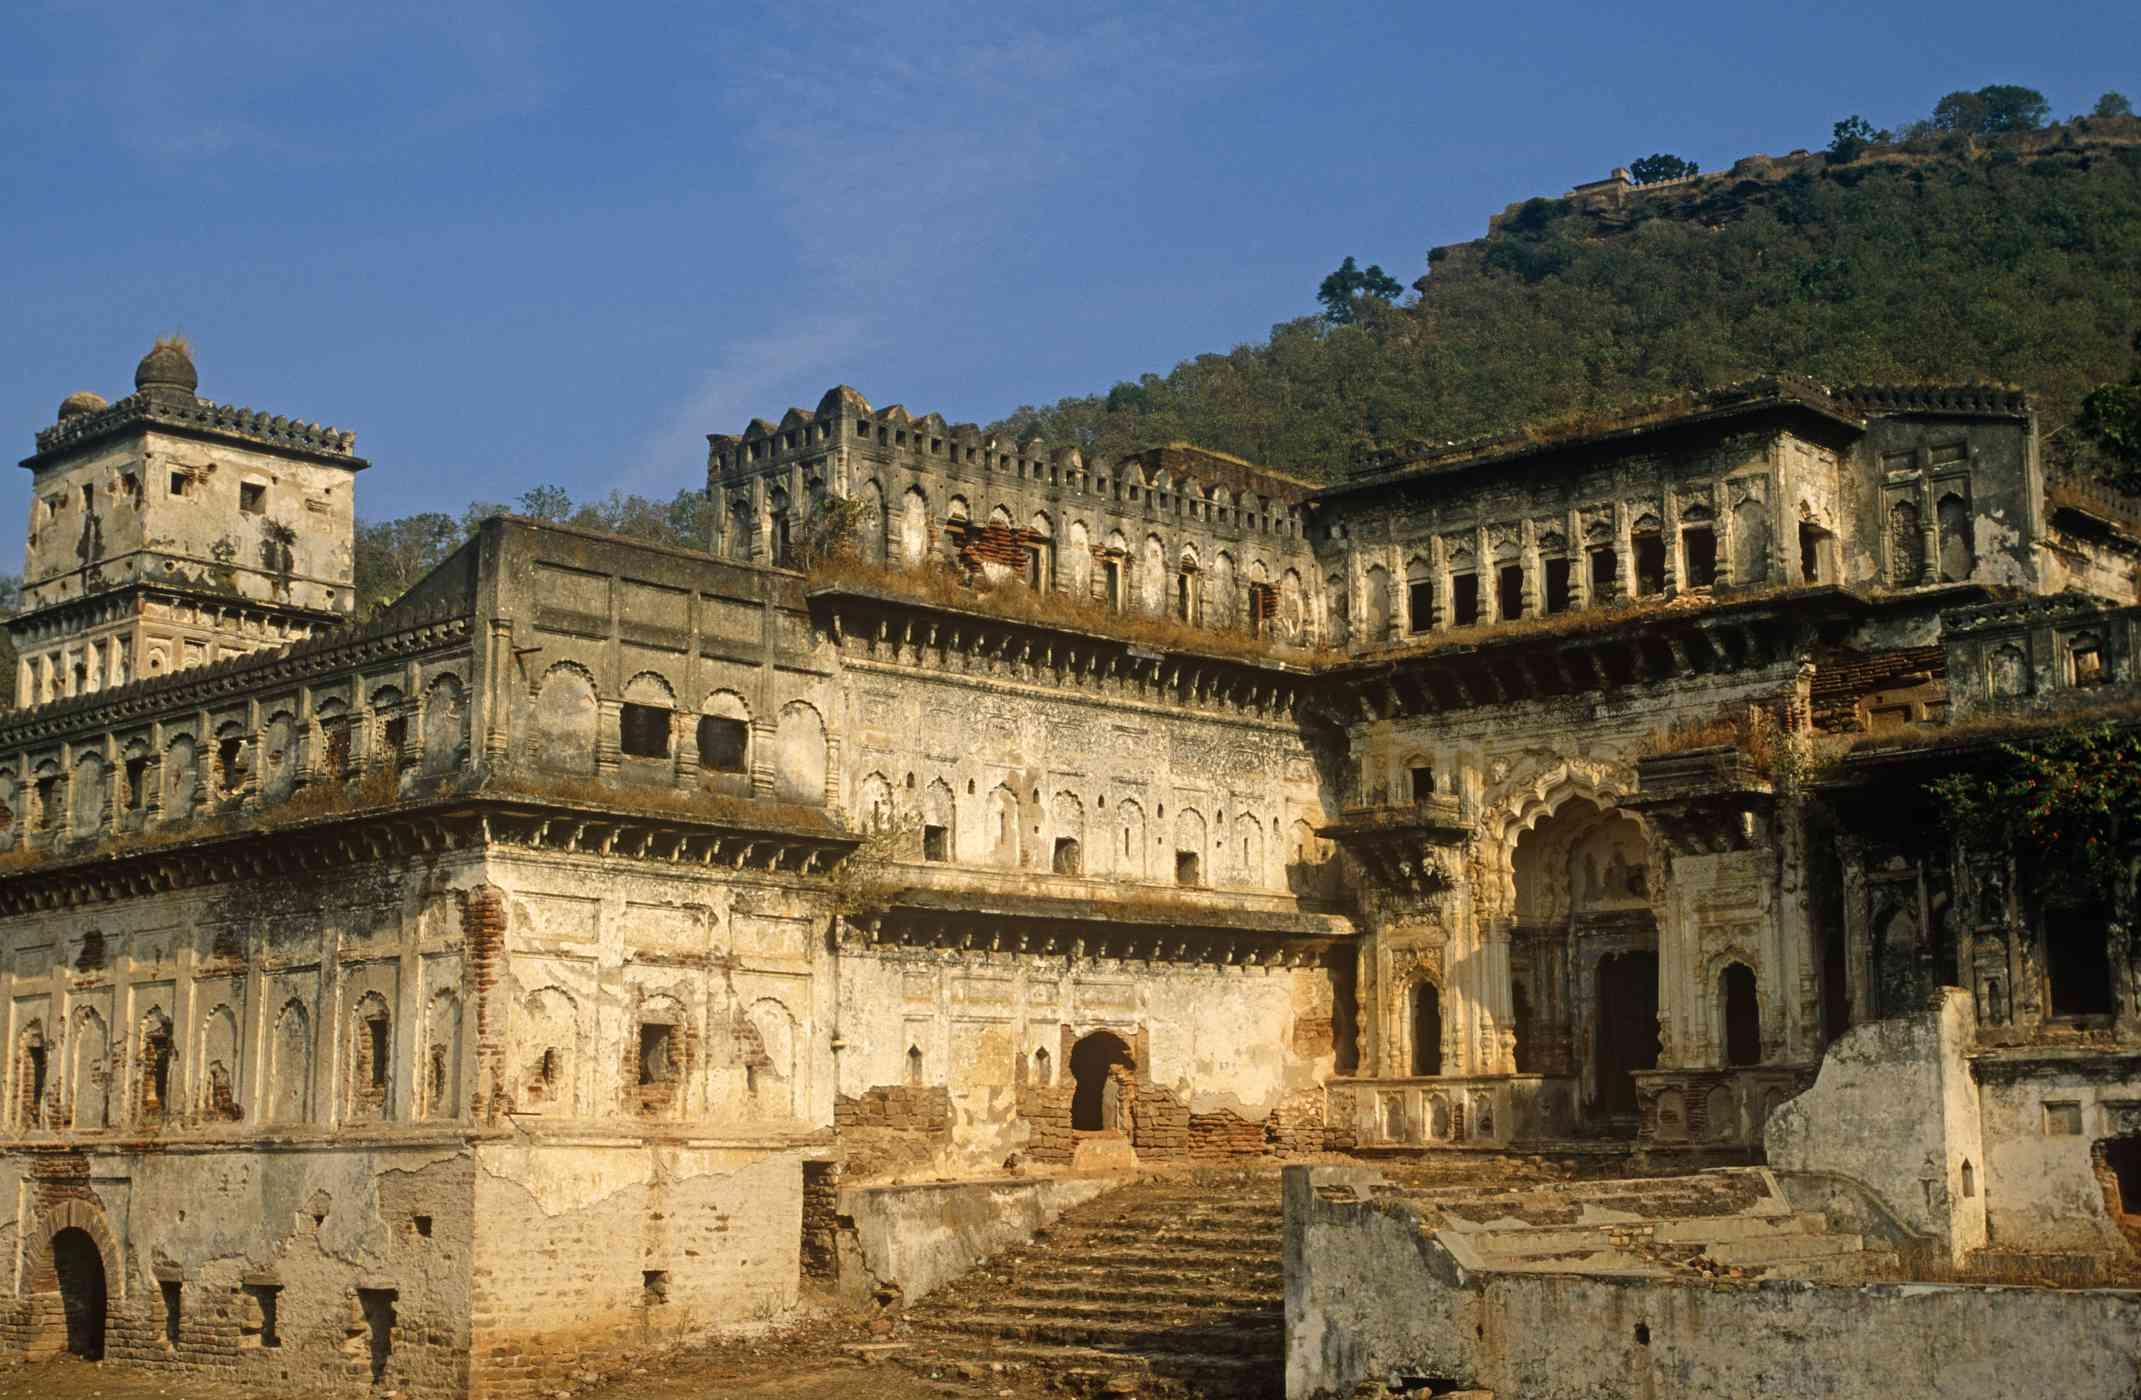 India, Madhya Pradesh, Ajaigarh